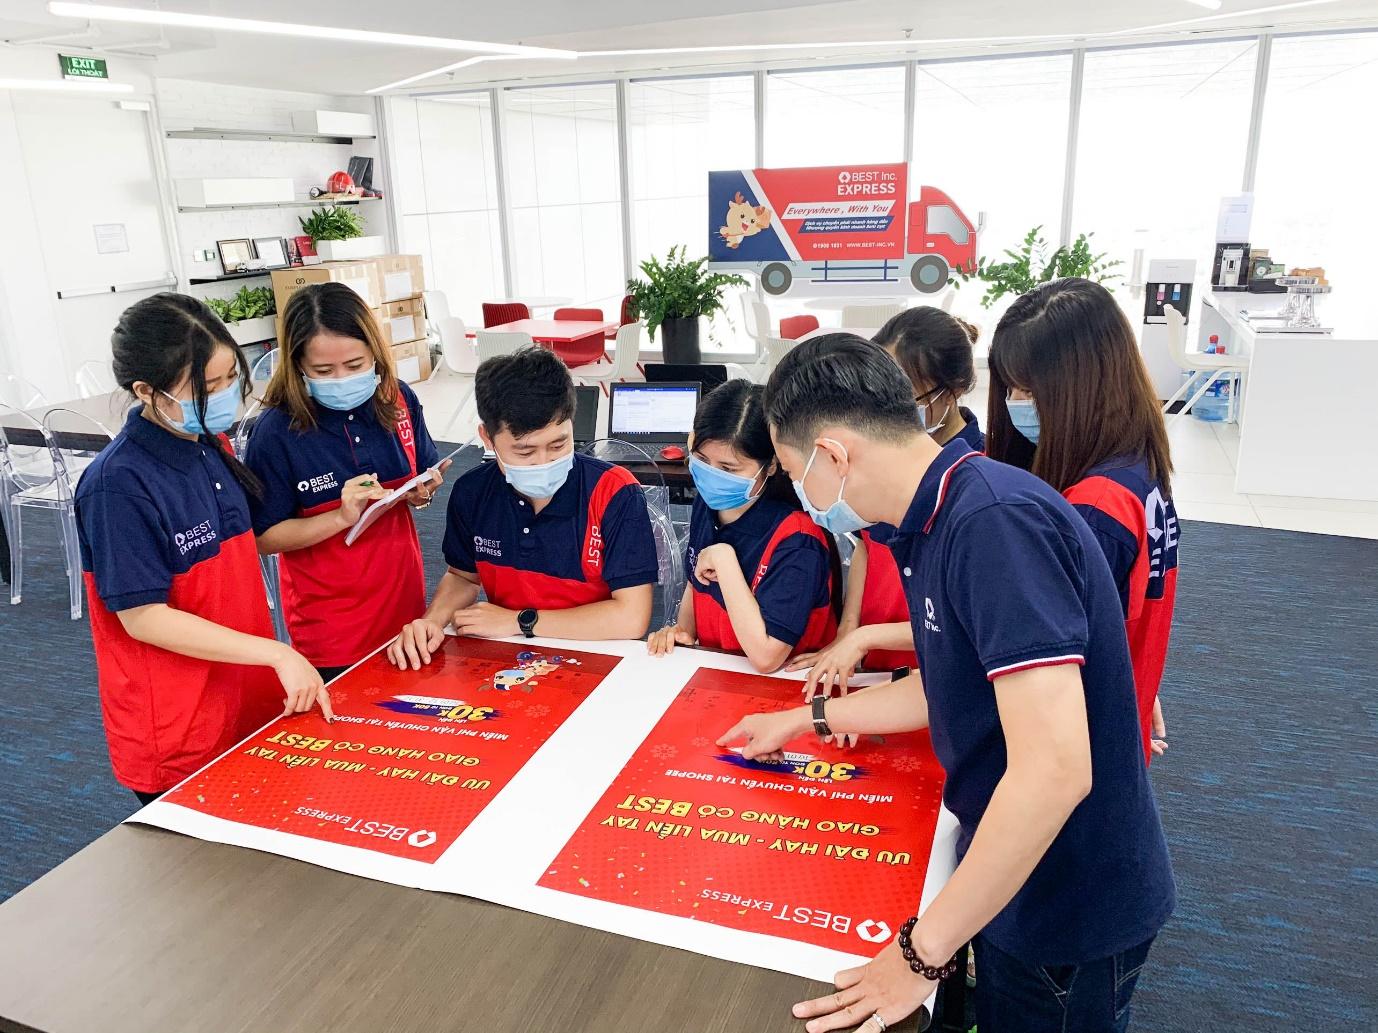 Đội ngũ nhân viên mới luôn được đào tạo chuyên môn và kỹ năng cẩn thận để đủ năng lực xử lý công việc.